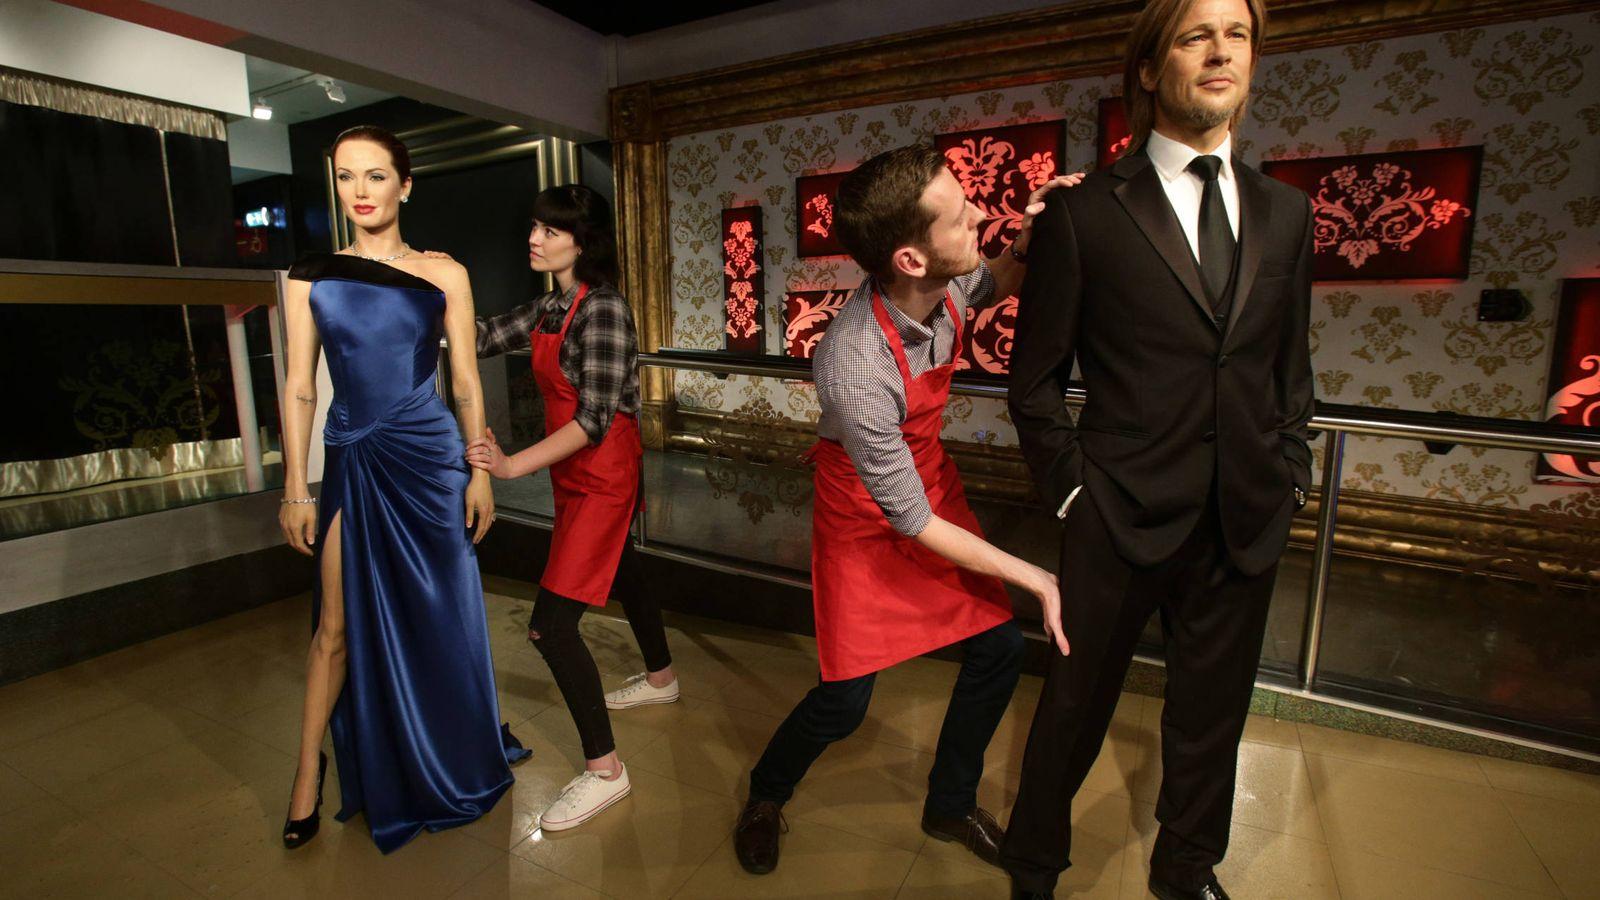 Foto: Los asistentes del Madame Tussauds separan las figuras de Angelina y Pitt